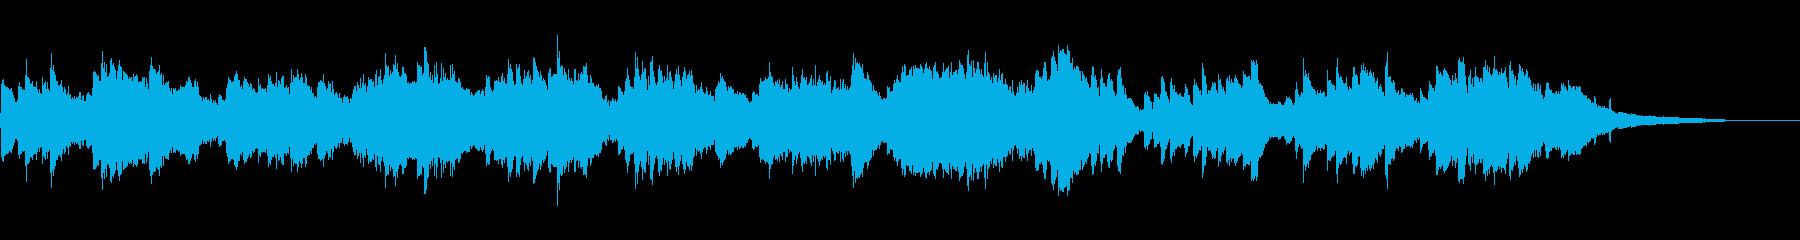 爽やかな風のようなピアノソロ・30秒広告の再生済みの波形